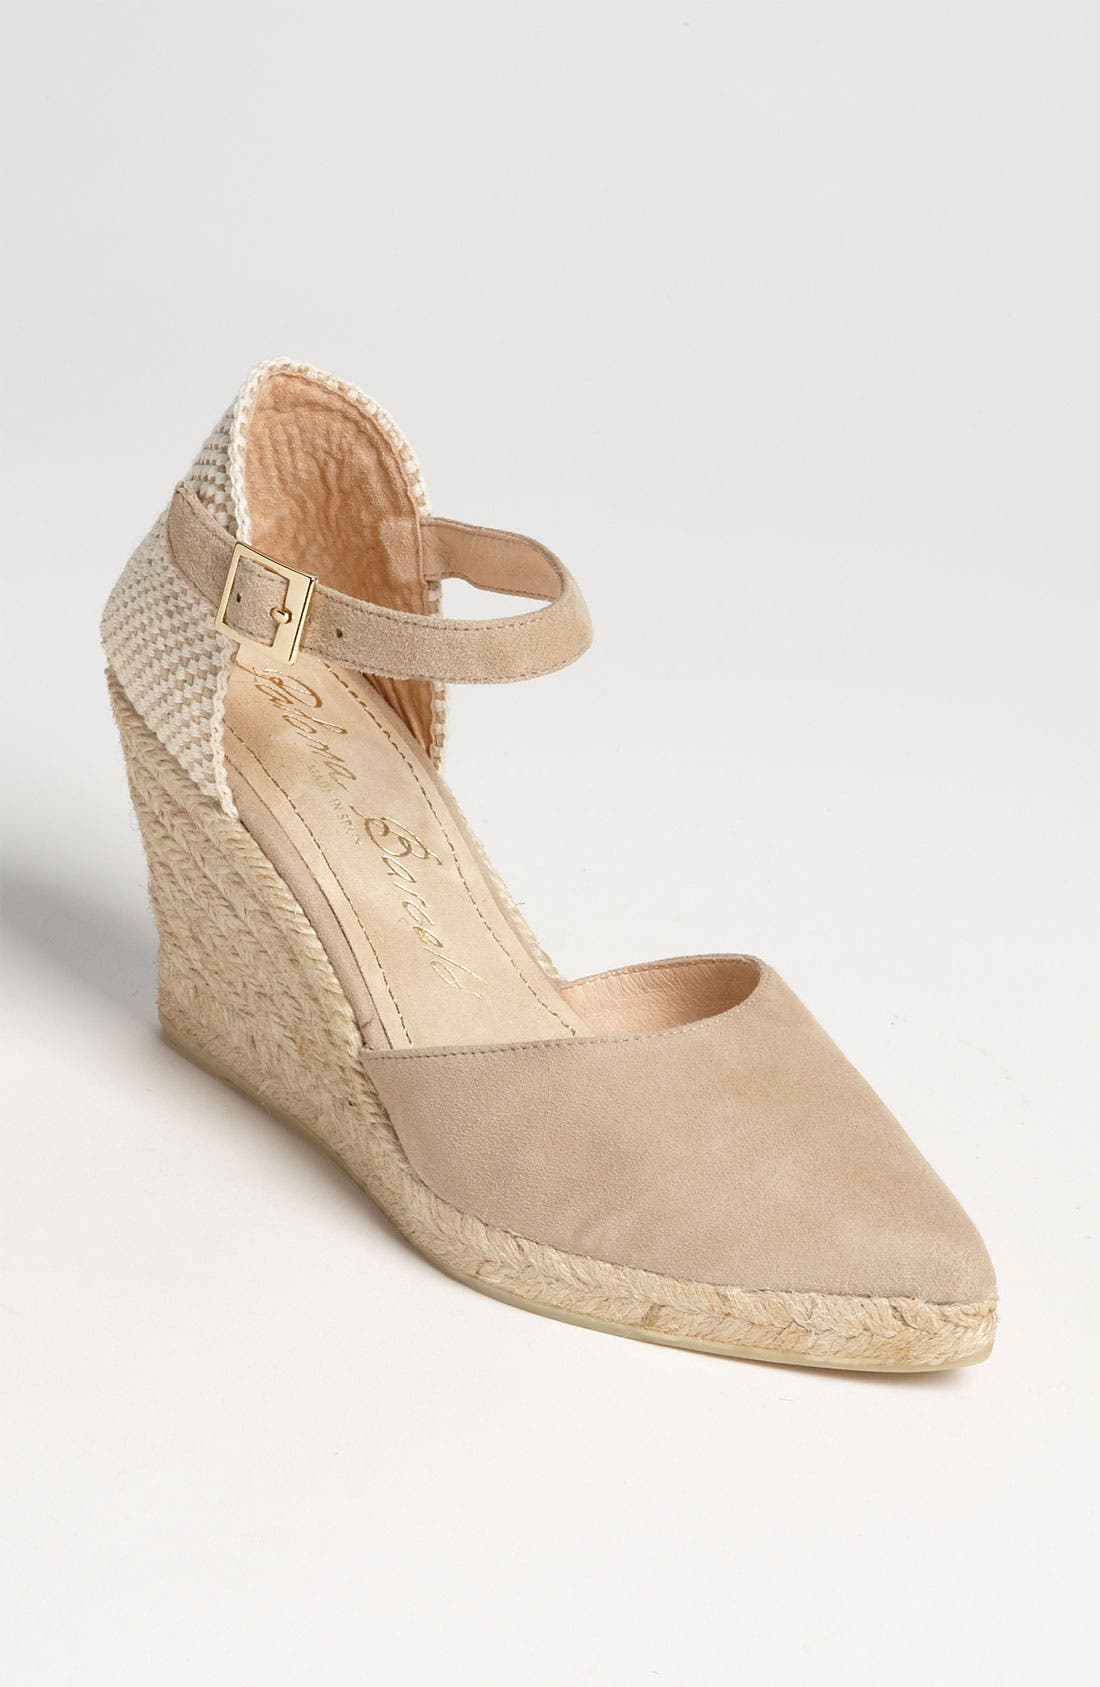 Sandal, Main, color, 280